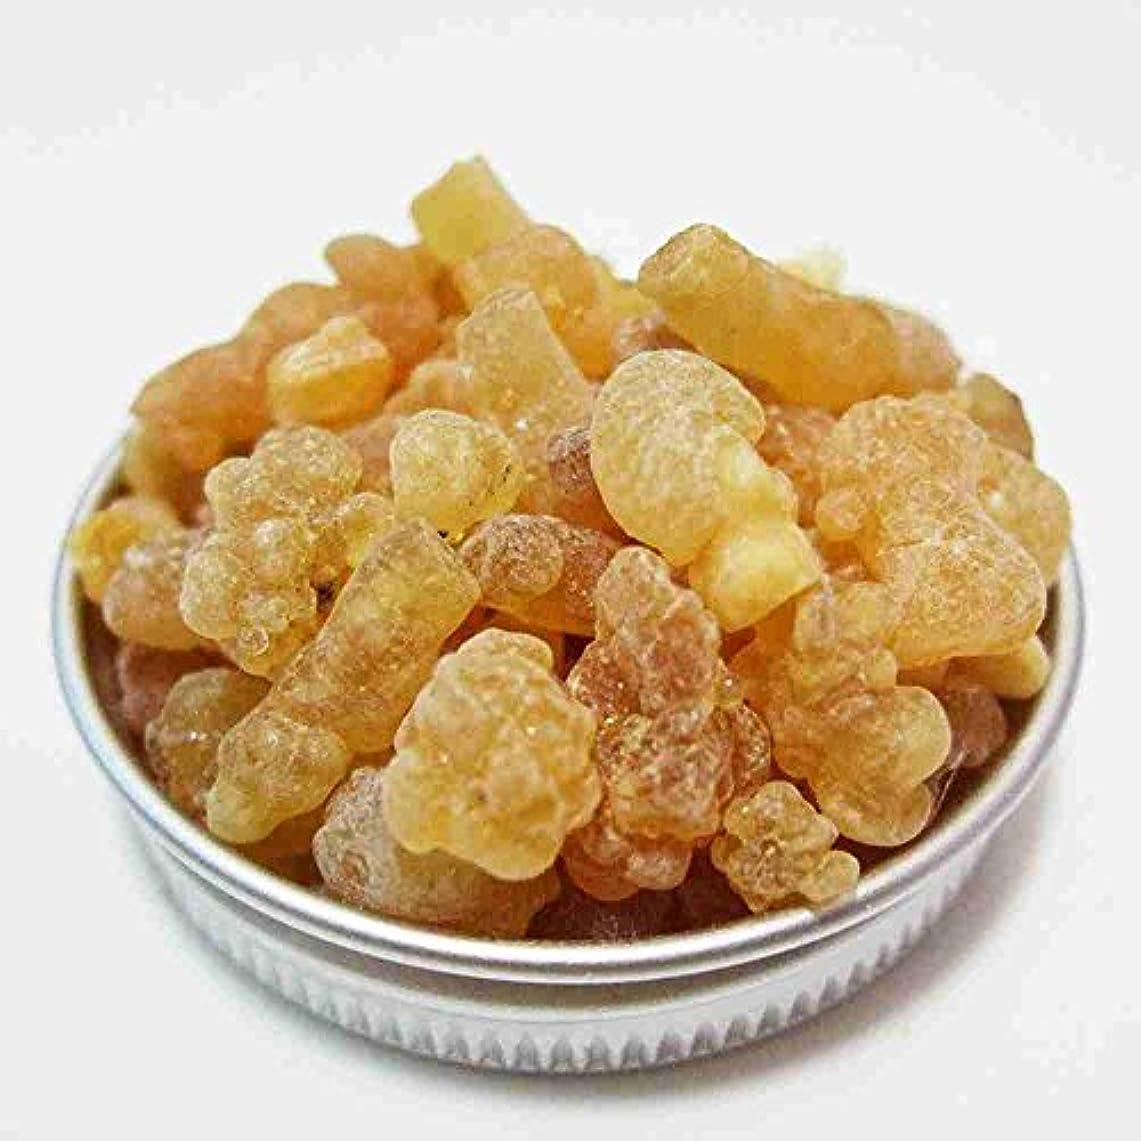 生寝るロケーションフランキンセンス Frsnkincense (乳香) 天然樹脂香 フランキンセンス(乳香), 1 Ounce (28 g)